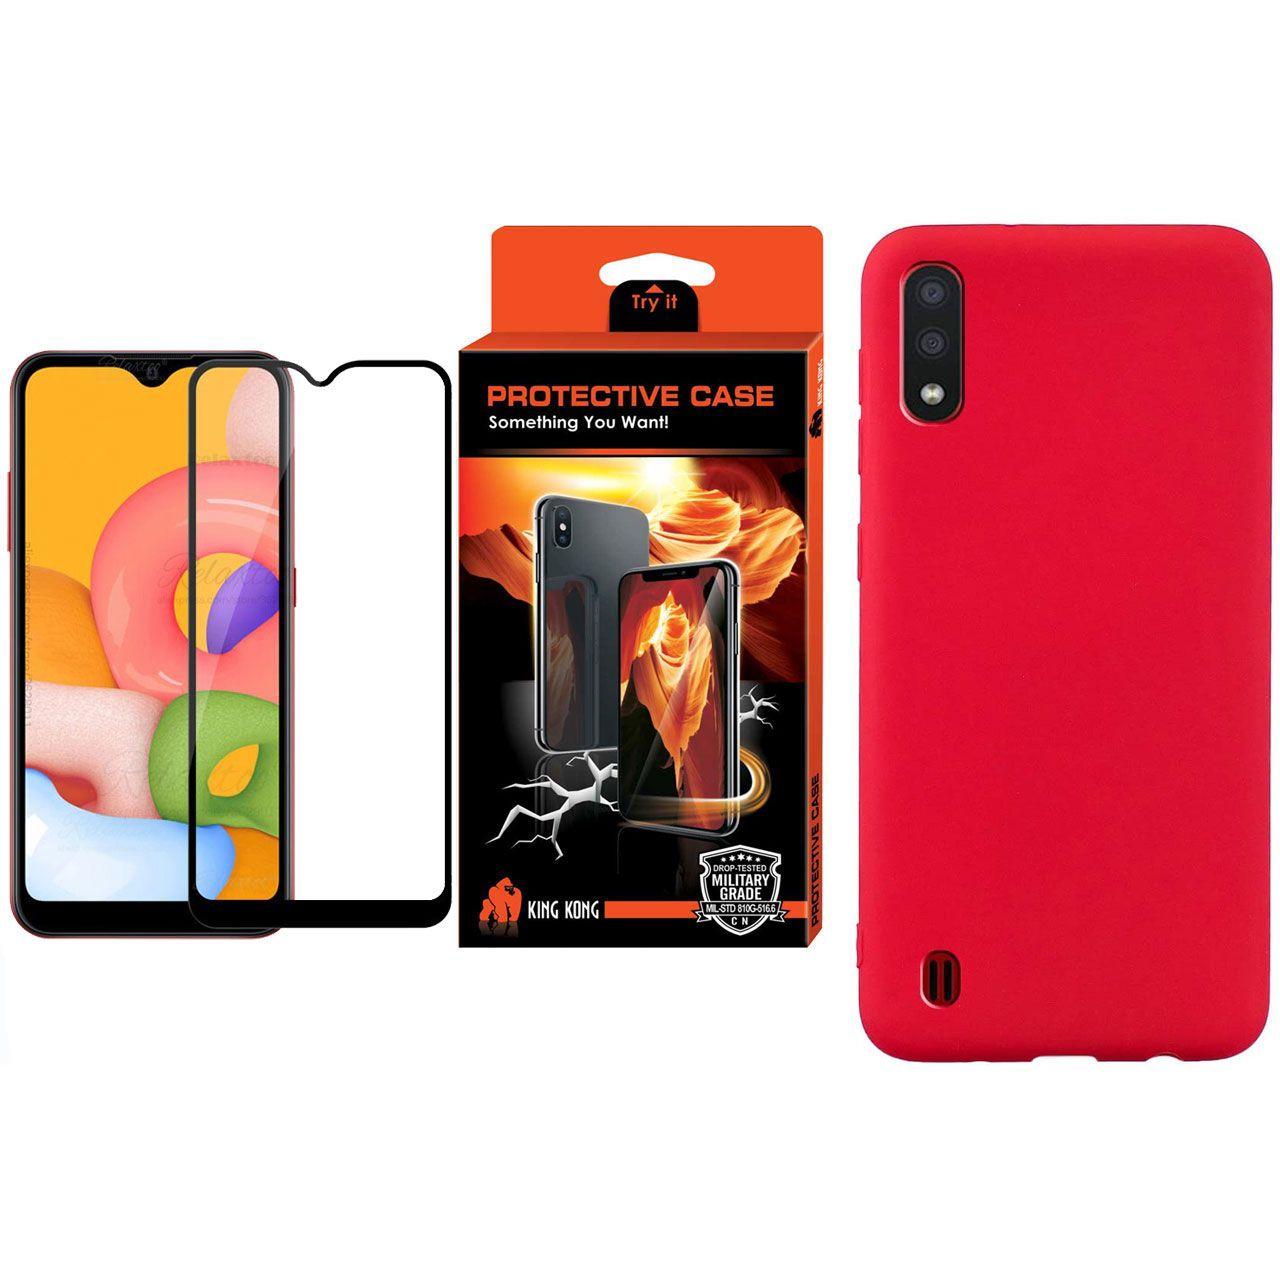 کاور کینگ کونگ مدل SLCN مناسب برای گوشی موبایل سامسونگ Galaxy A01 به همراه محافظ صفحه نمایش